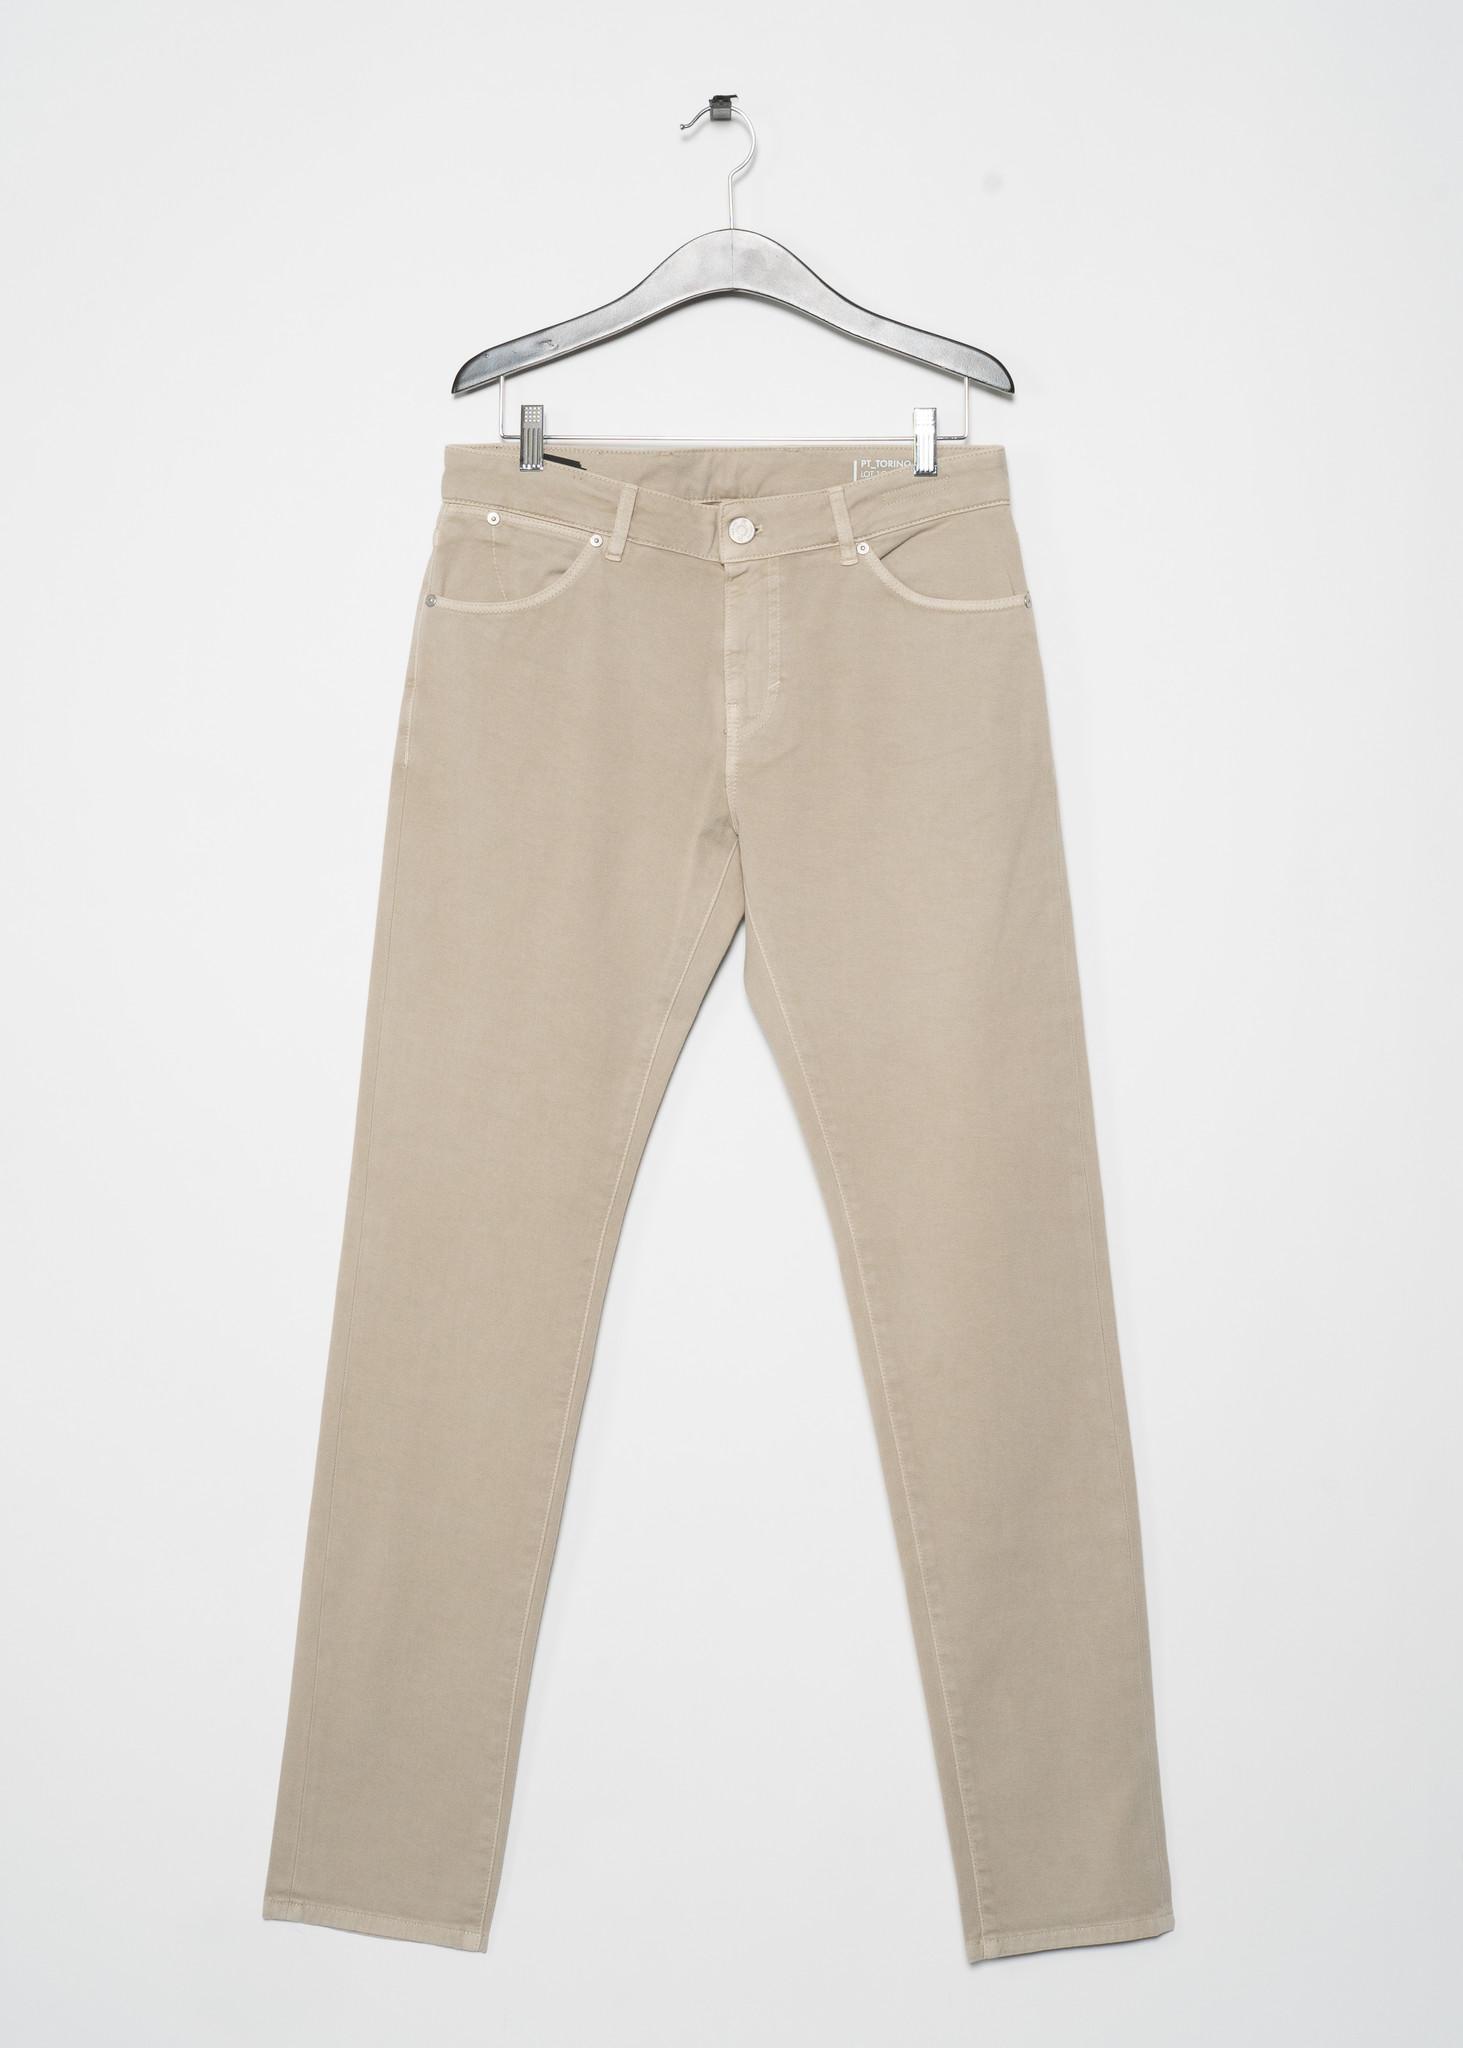 Beige TU59 Soul Jeans